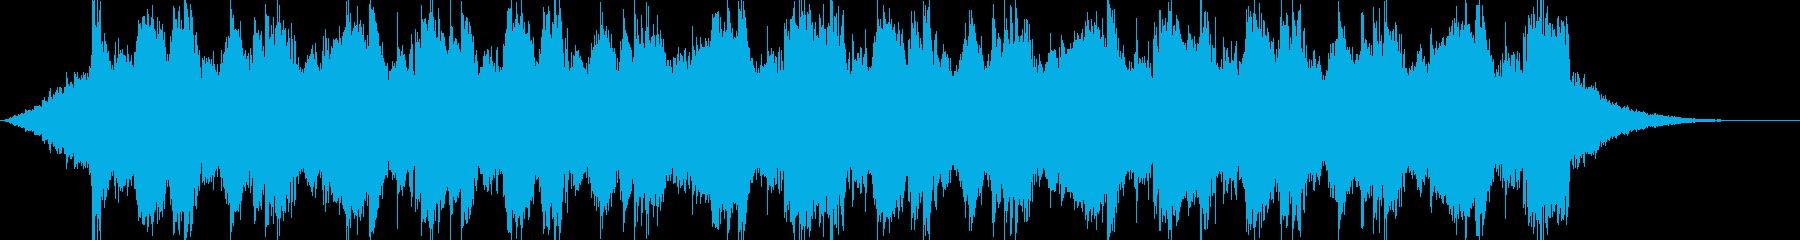 シネマティック01・壮大・ハリウッドS2の再生済みの波形